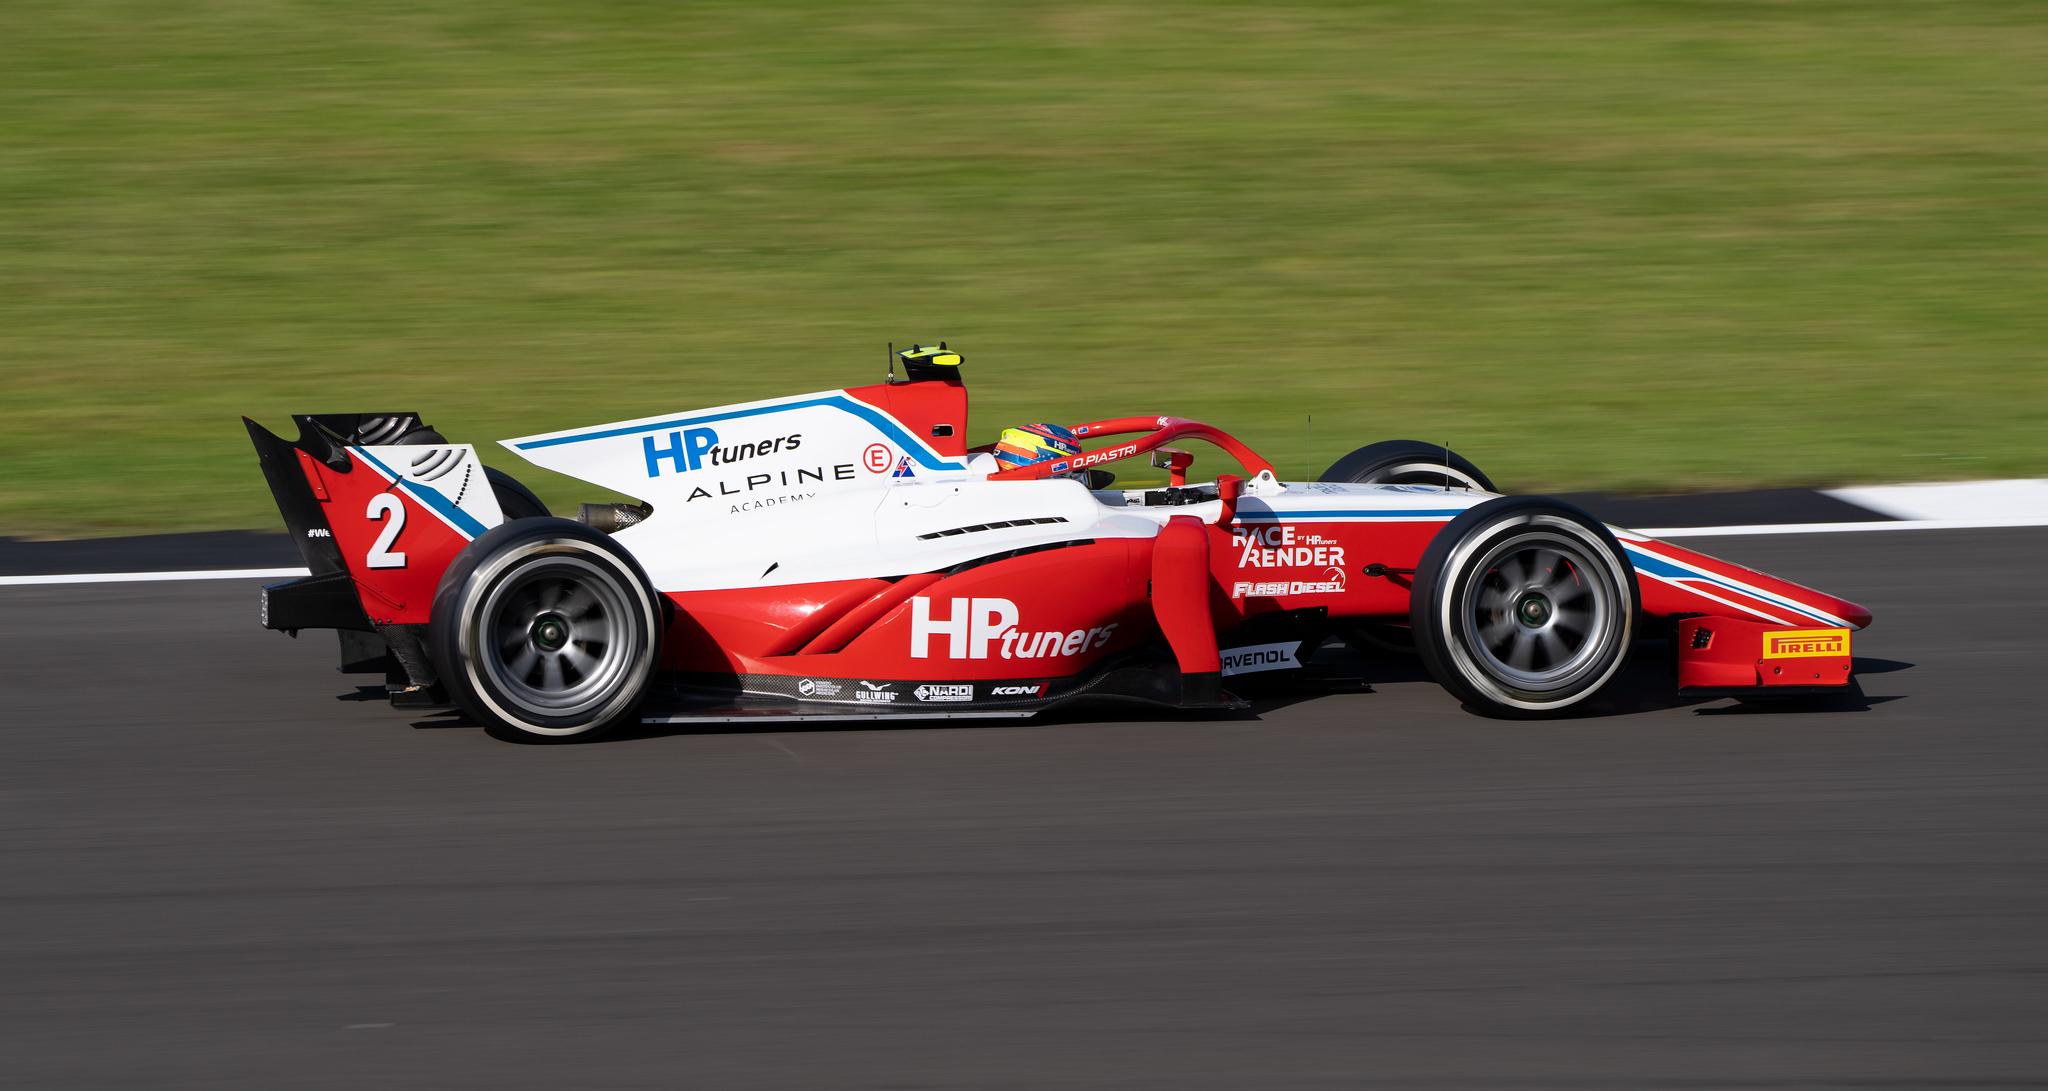 Oscar Piastri in Prema F2 Car at Silverstone (Jul 2021)